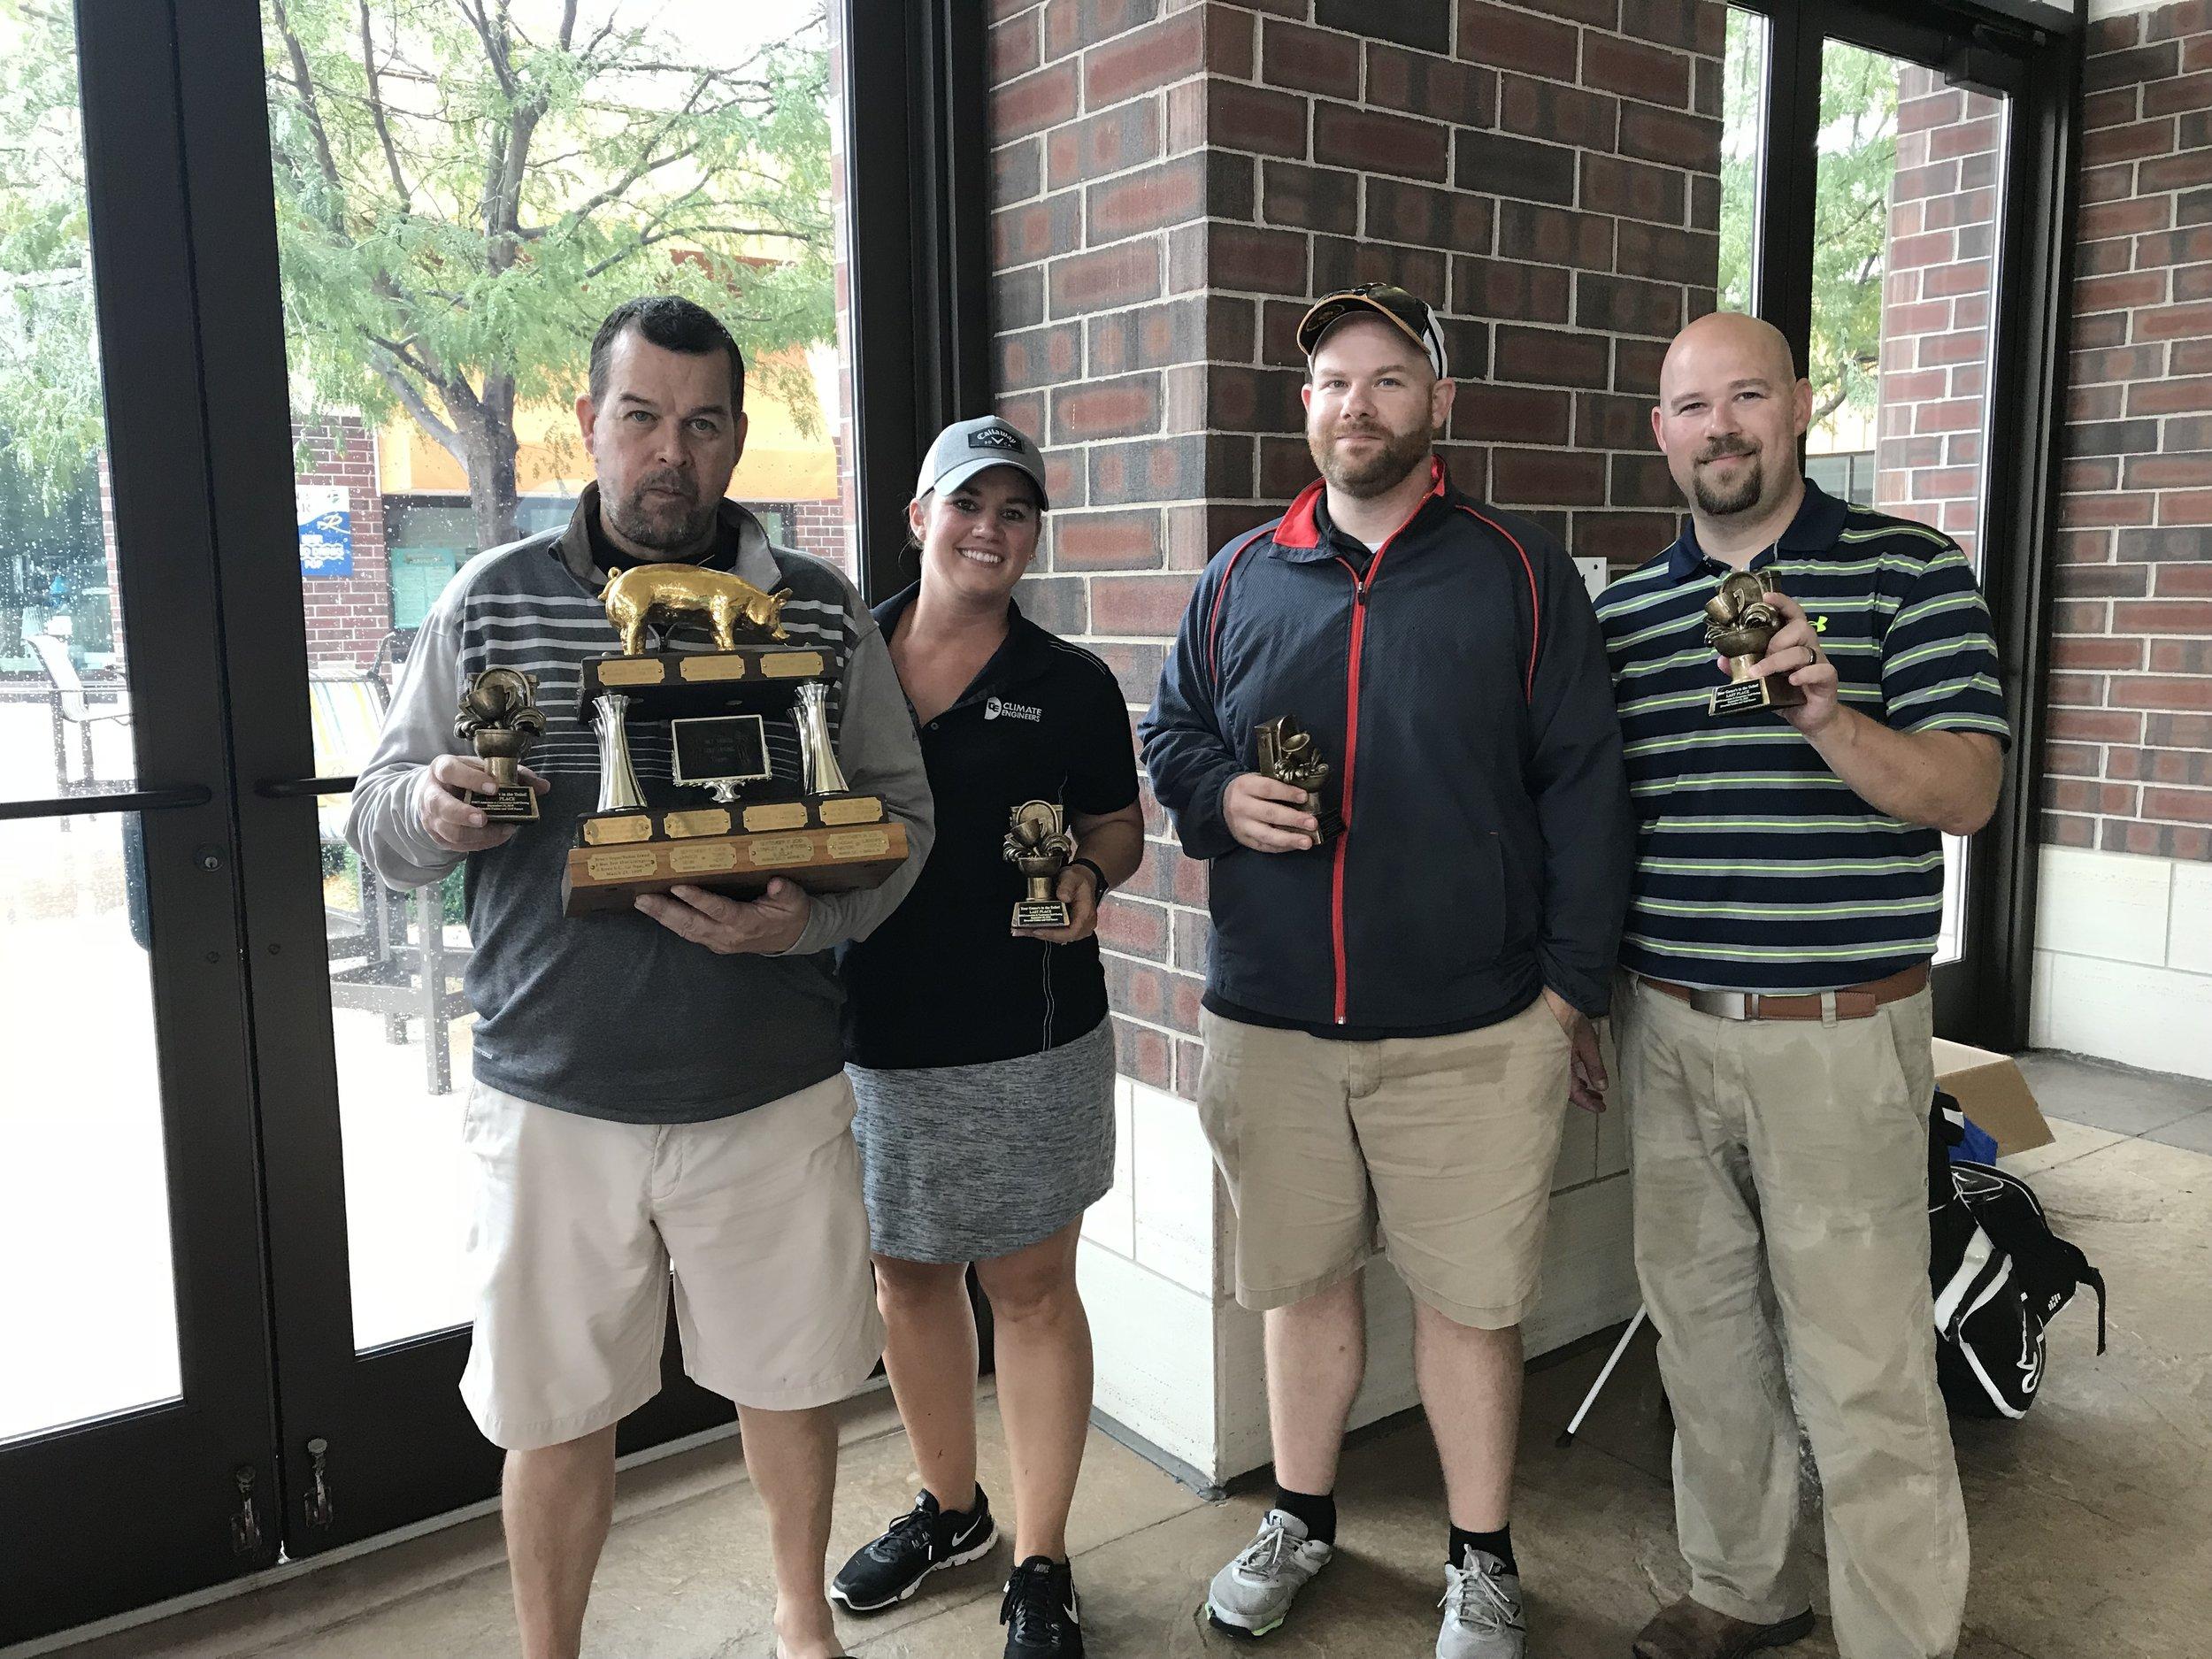 Last place trophy winners were Paul Hartke, Karen LaGrange, Rob Wentzel and Jeff Alkema.